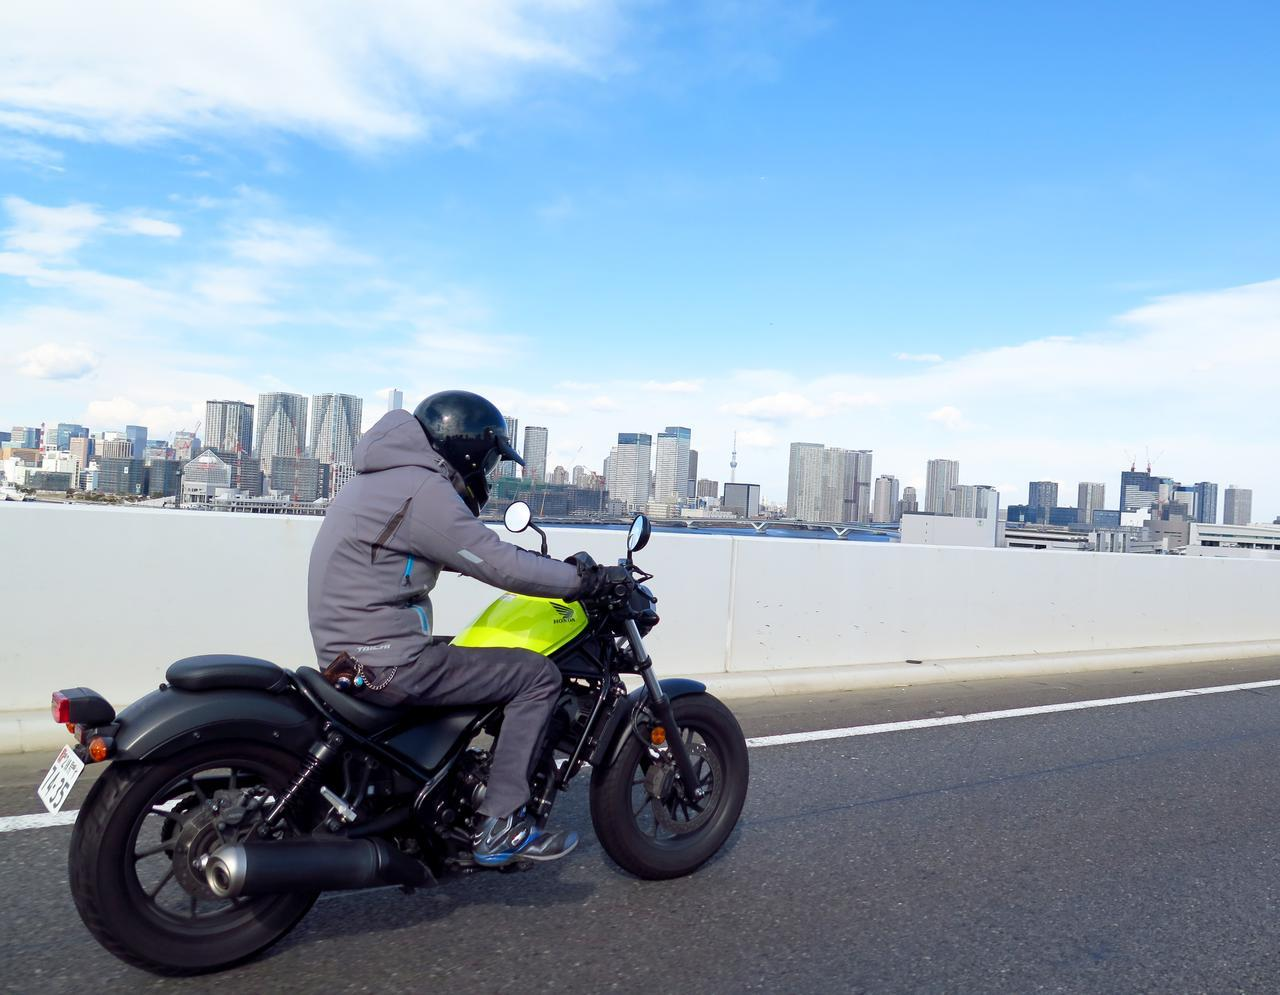 画像: レブル250が大人気な理由。この250ccは『バイク』として完璧です!【ホンダオールすごろく/第22回 Rebel 250】 - A Little Honda